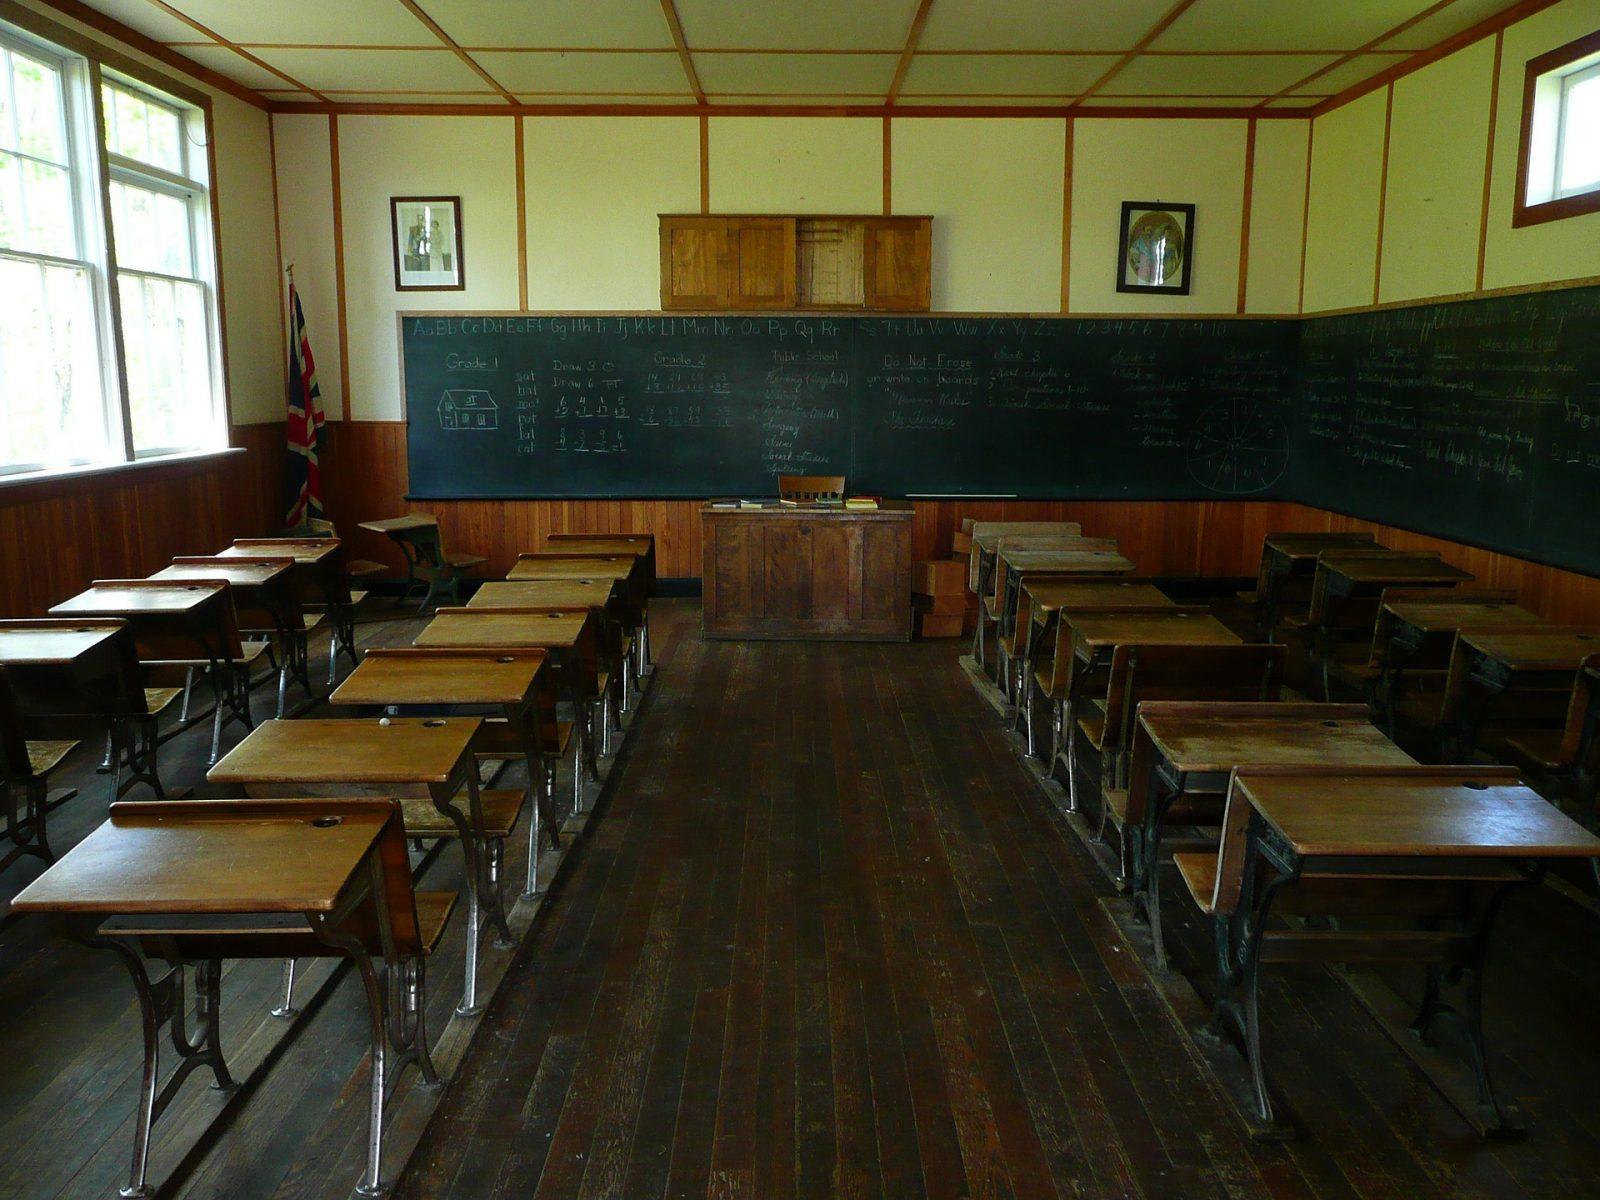 edukacja we wrocławiu